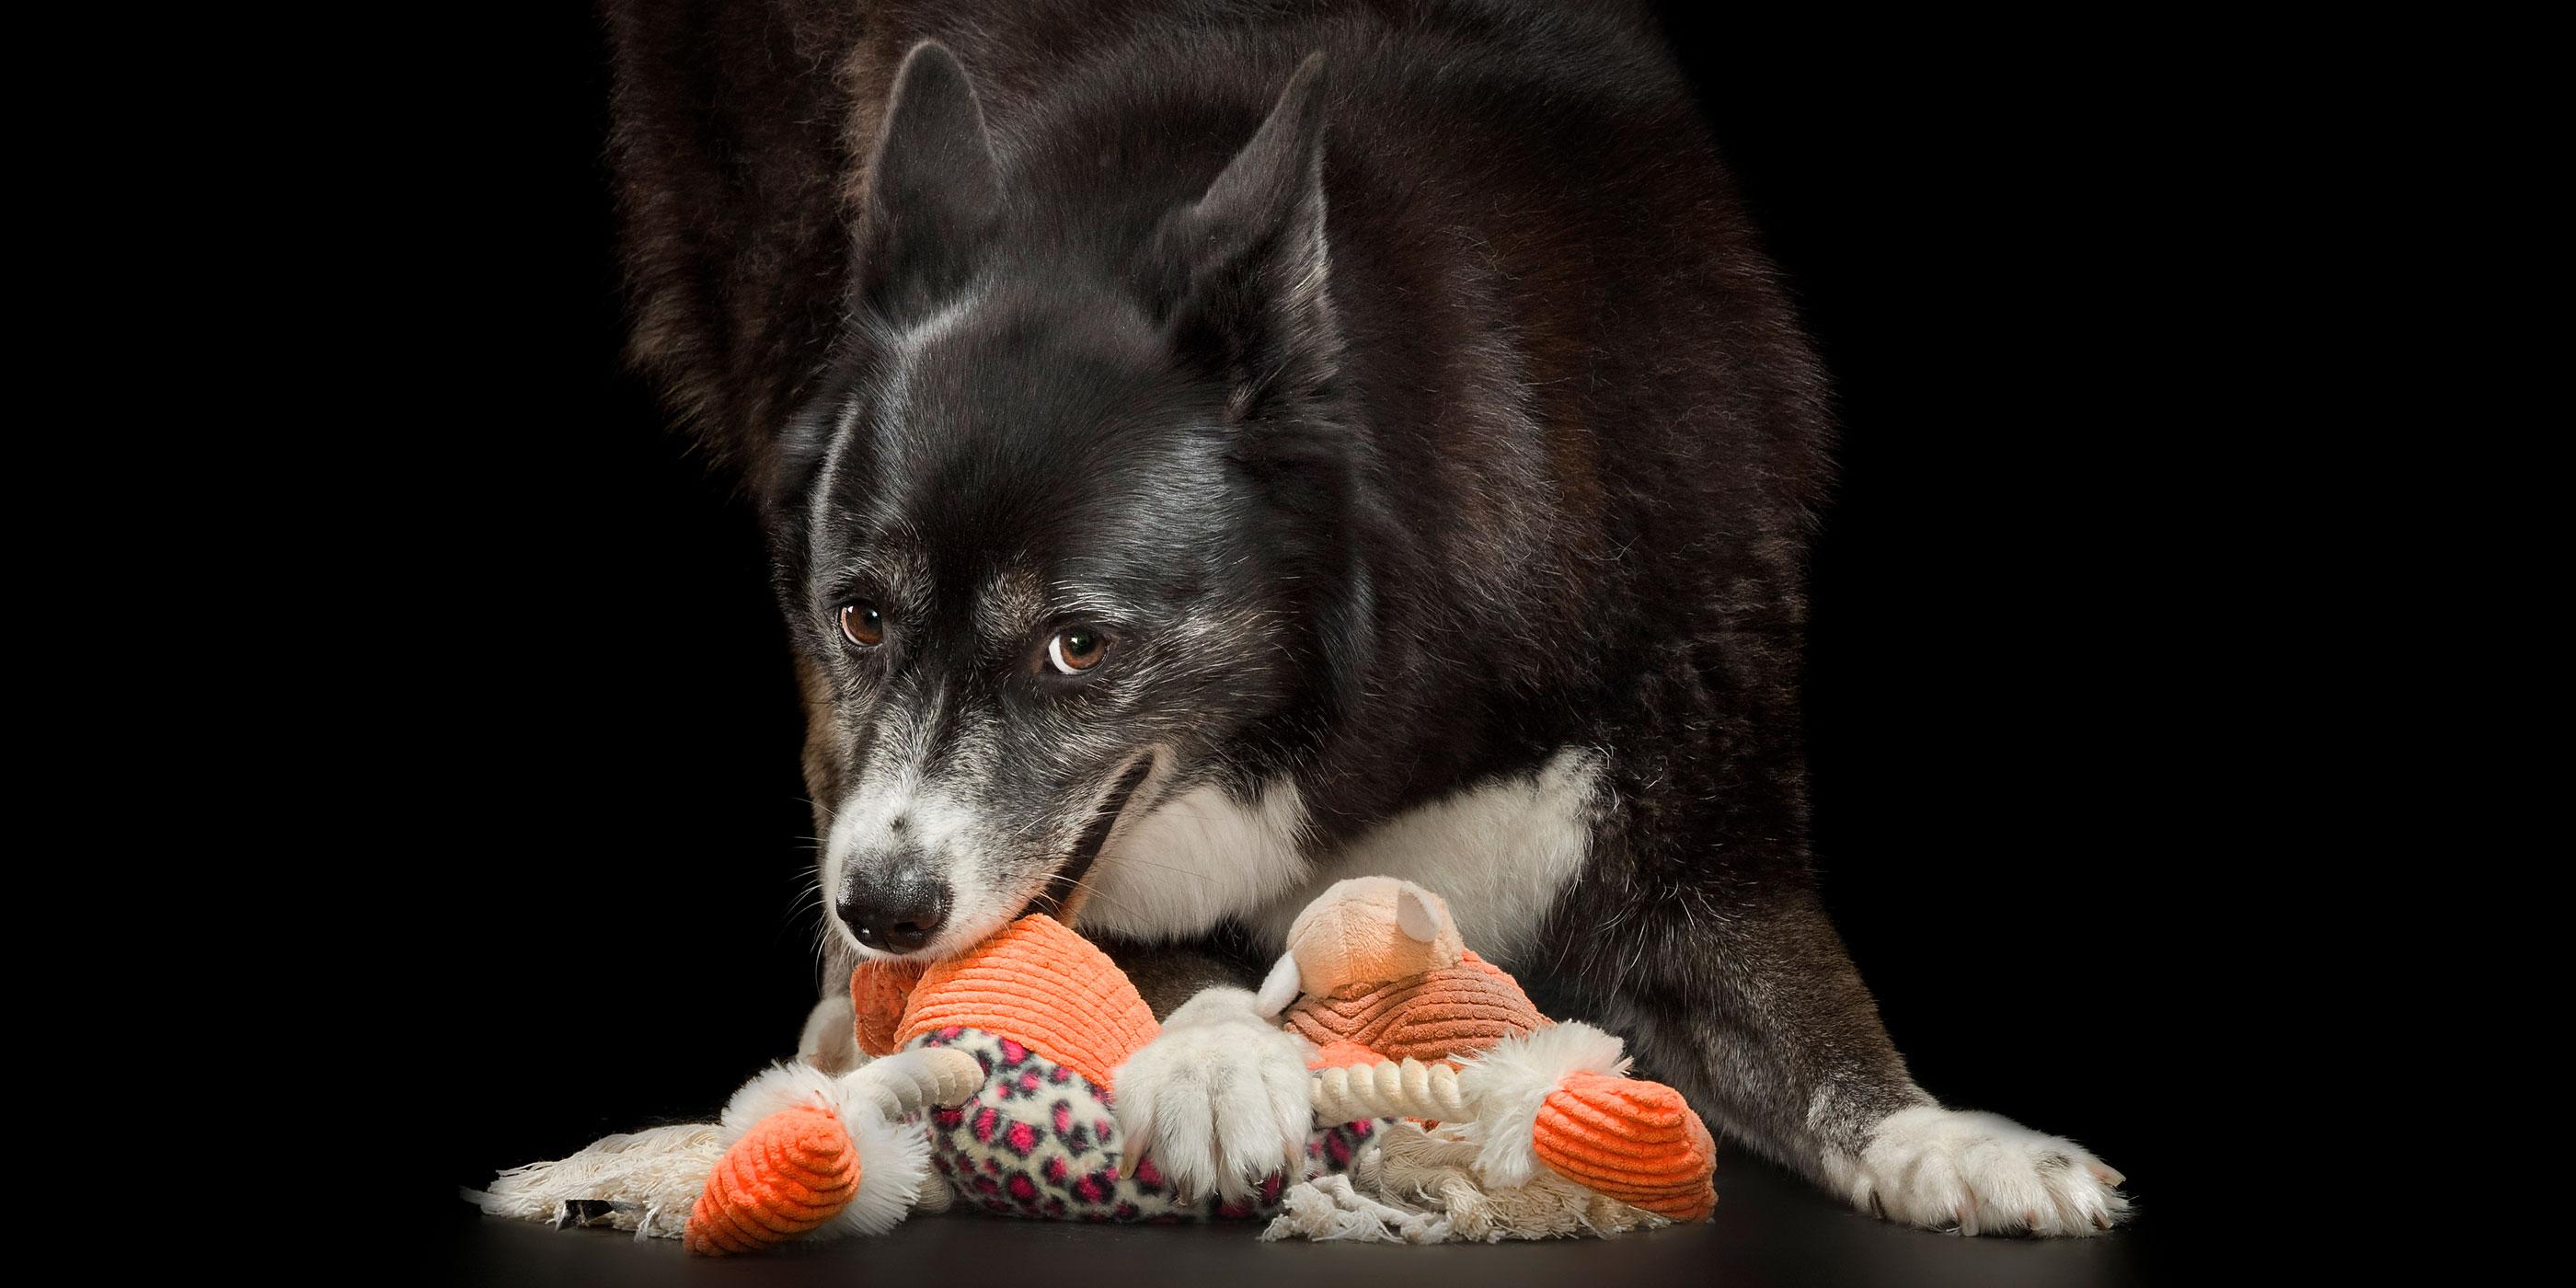 tug toy game border collie/husky